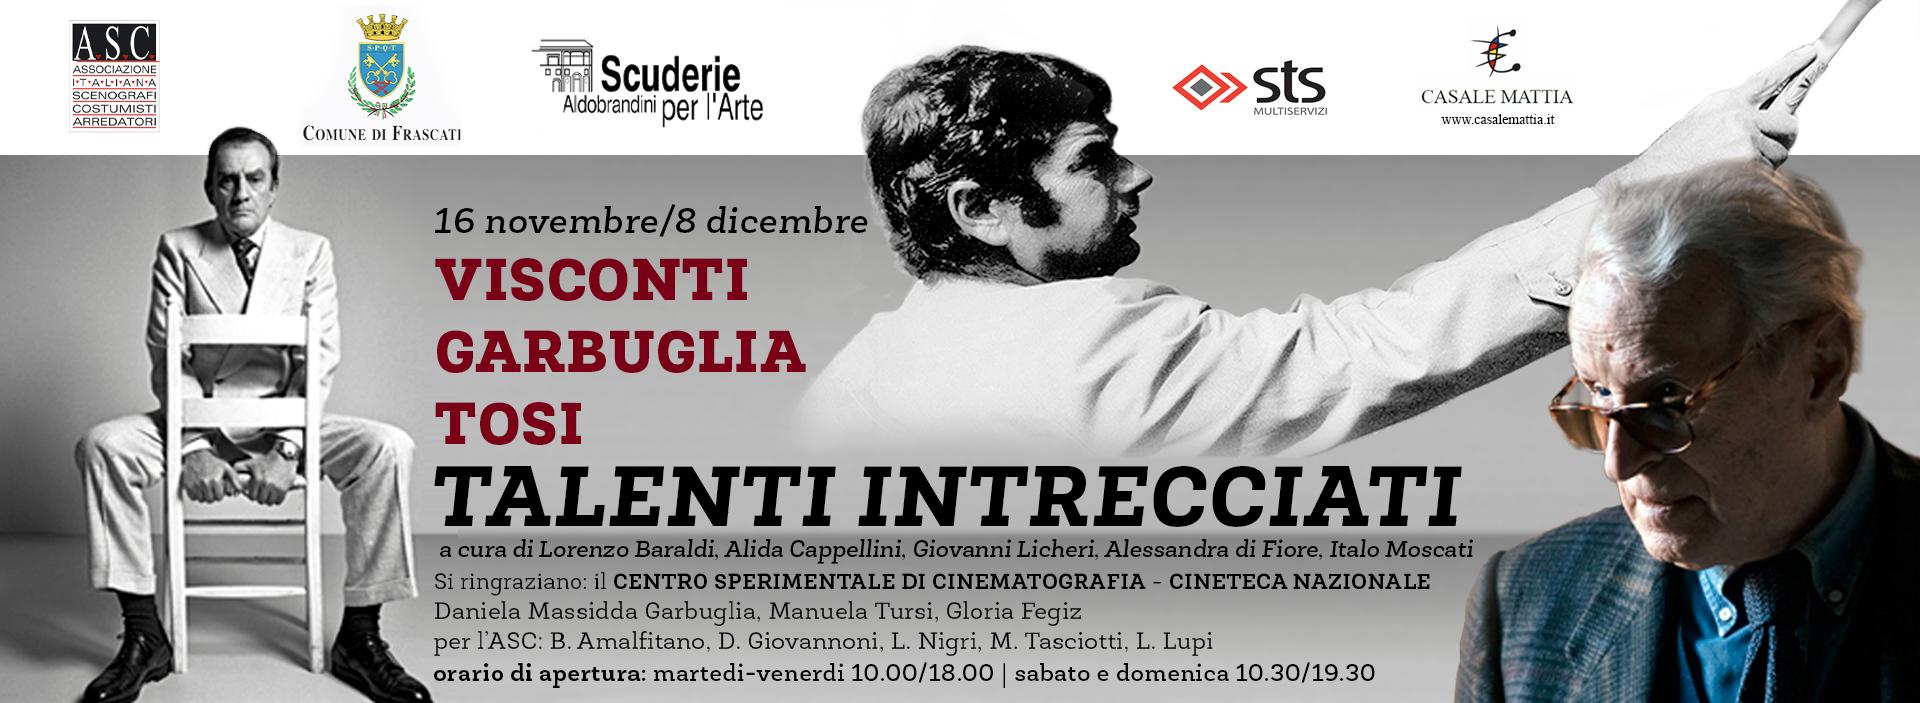 talenti_intrecciati_slide